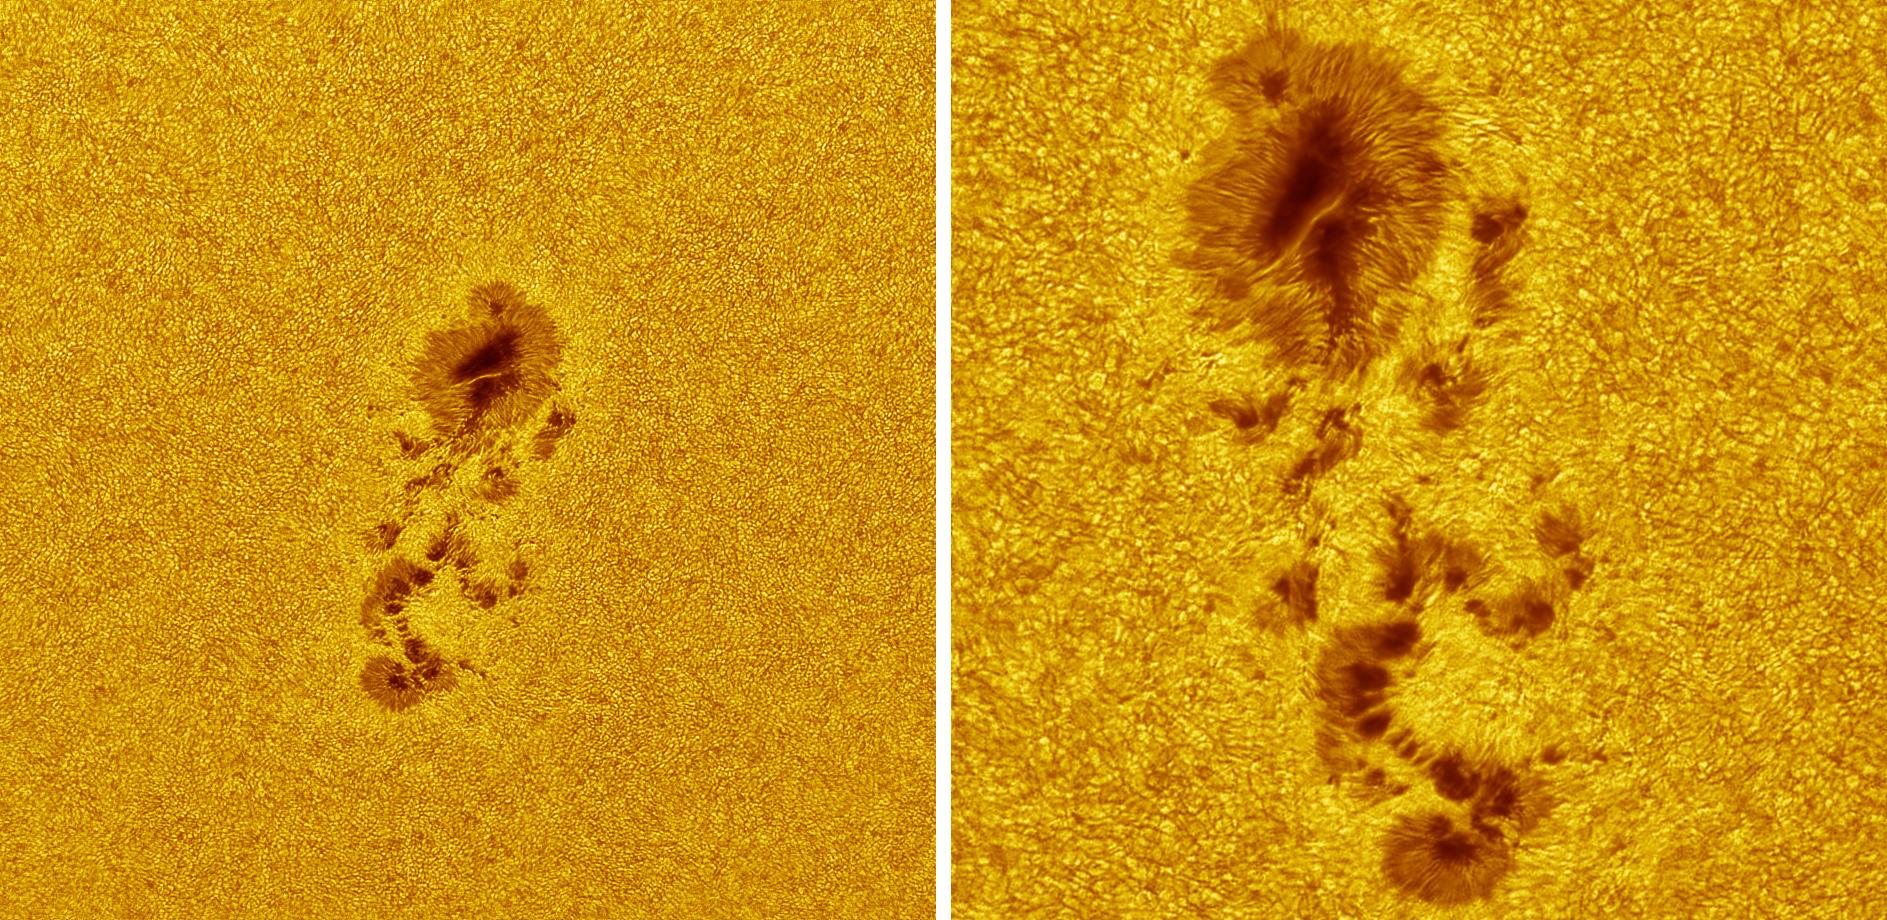 sun-spot-ASI174-ASI290